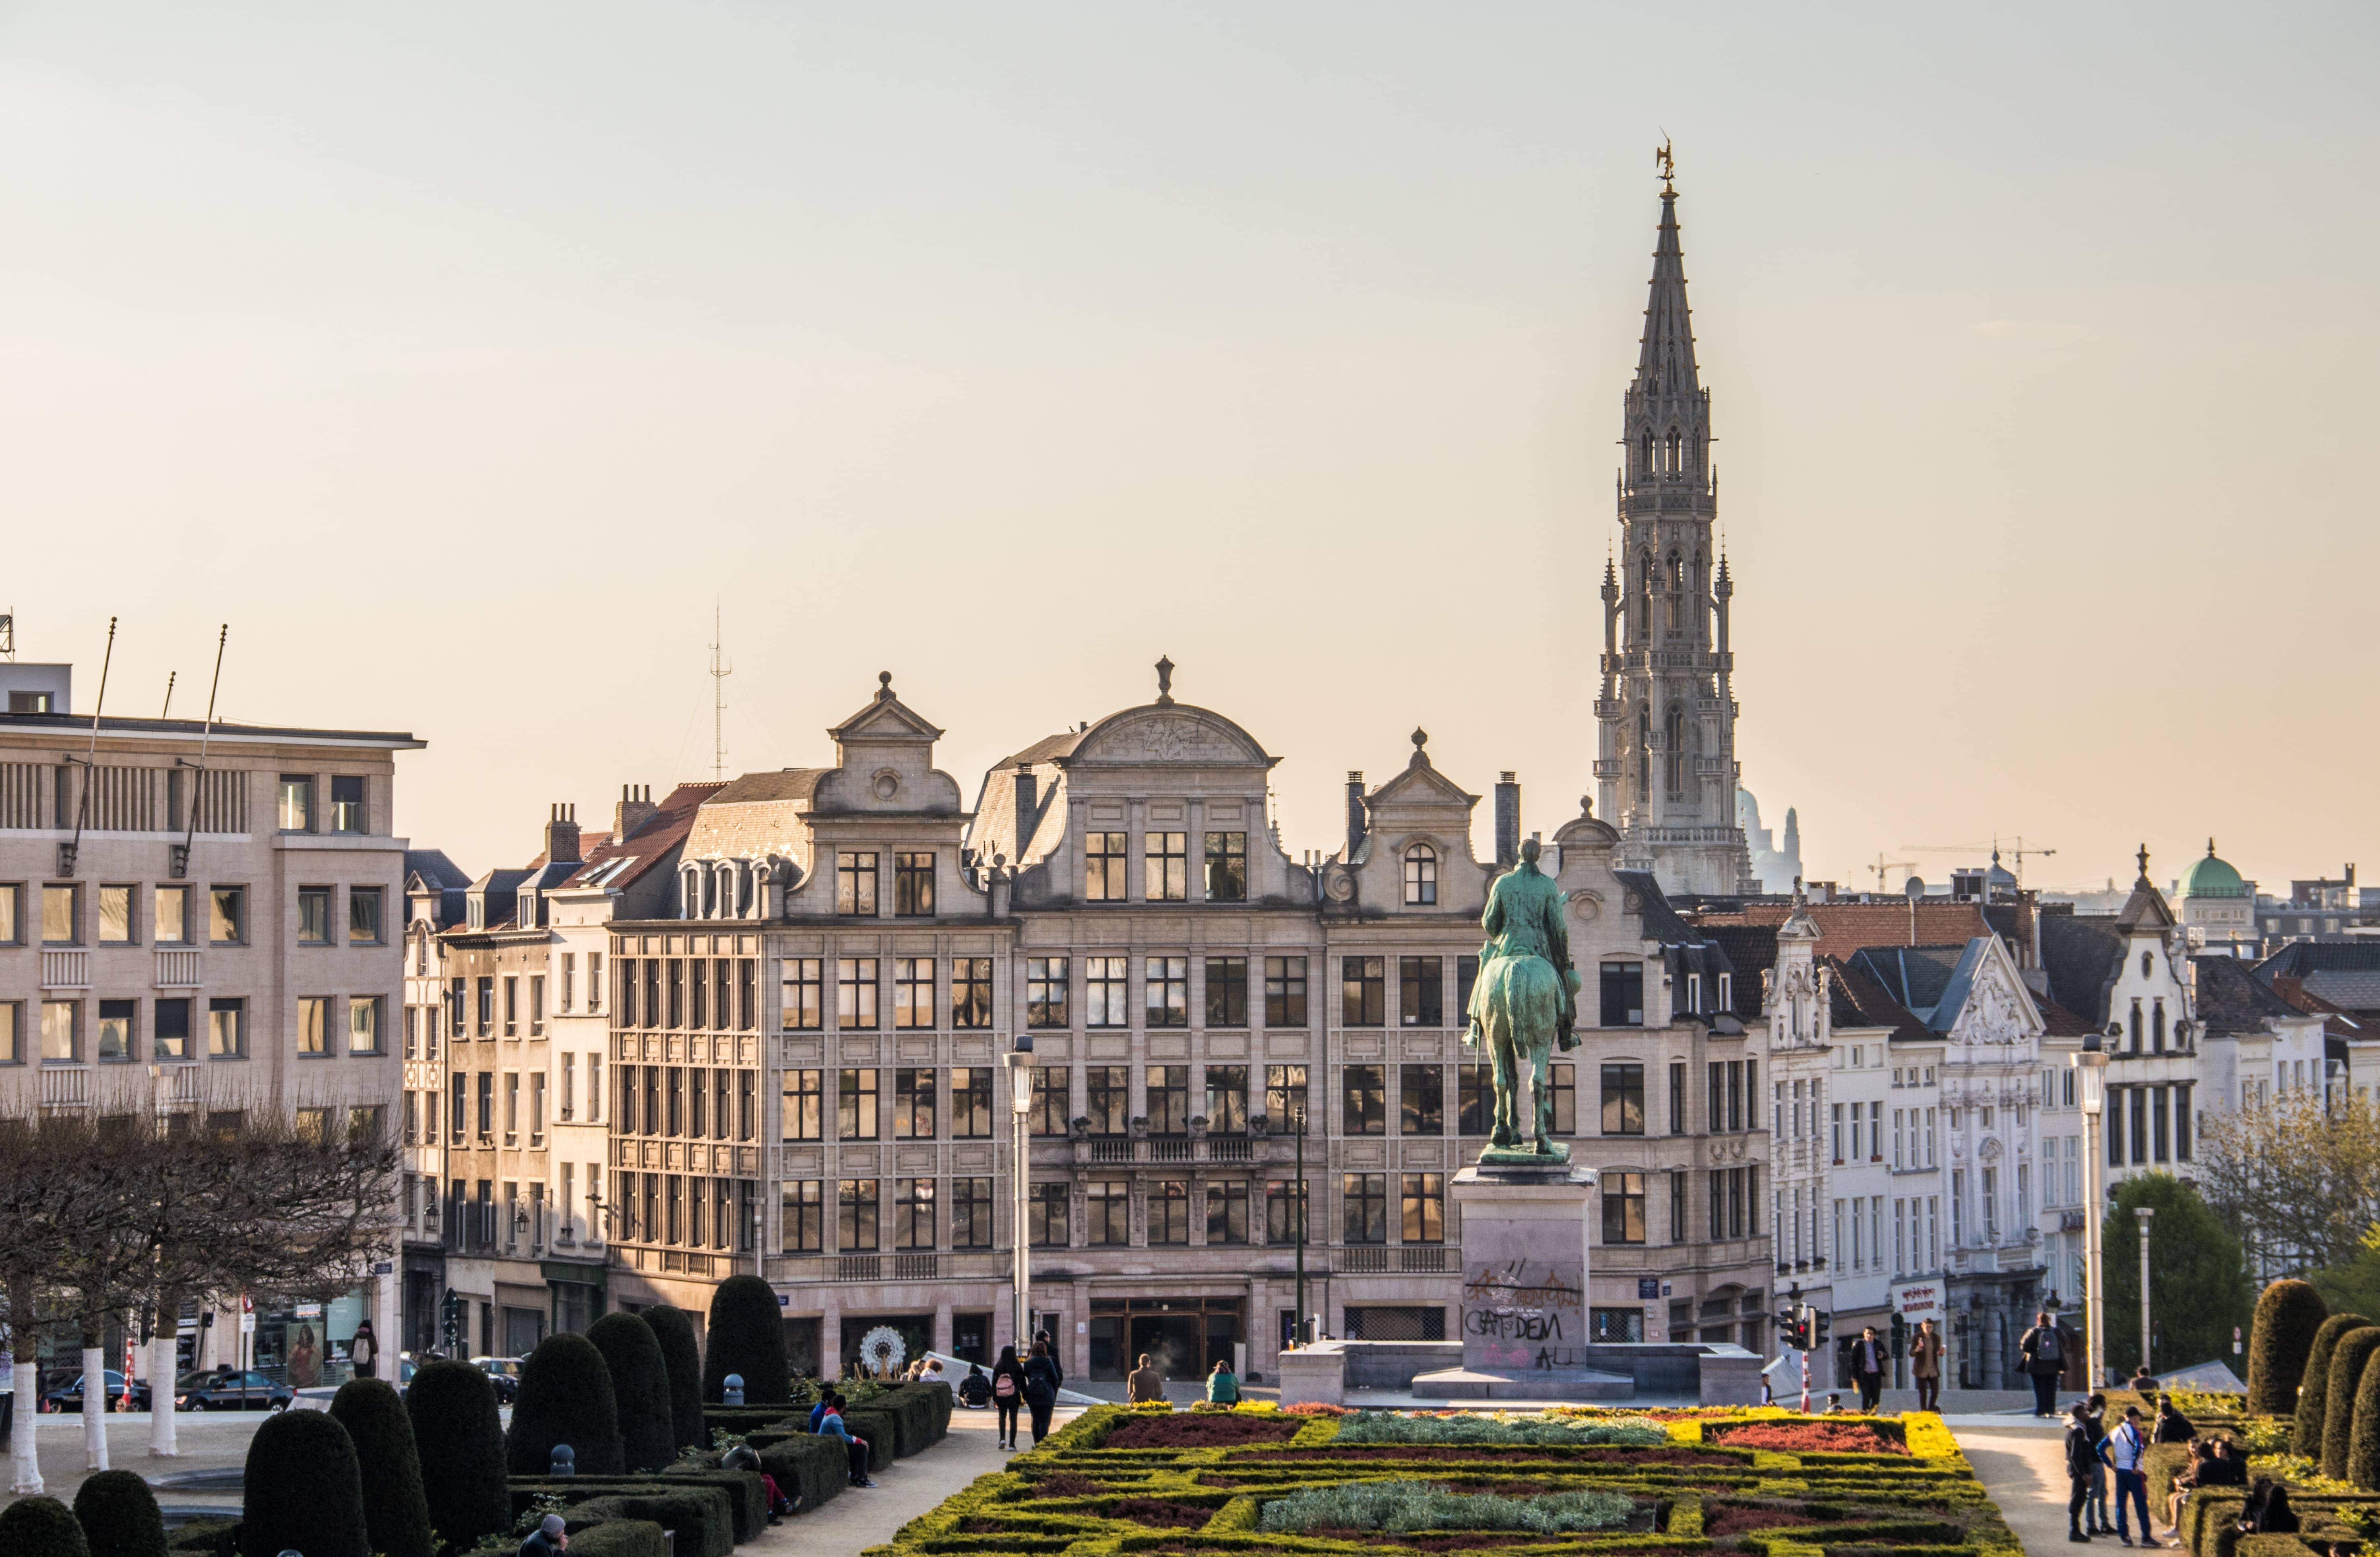 Belgium Brits Expats Brexit